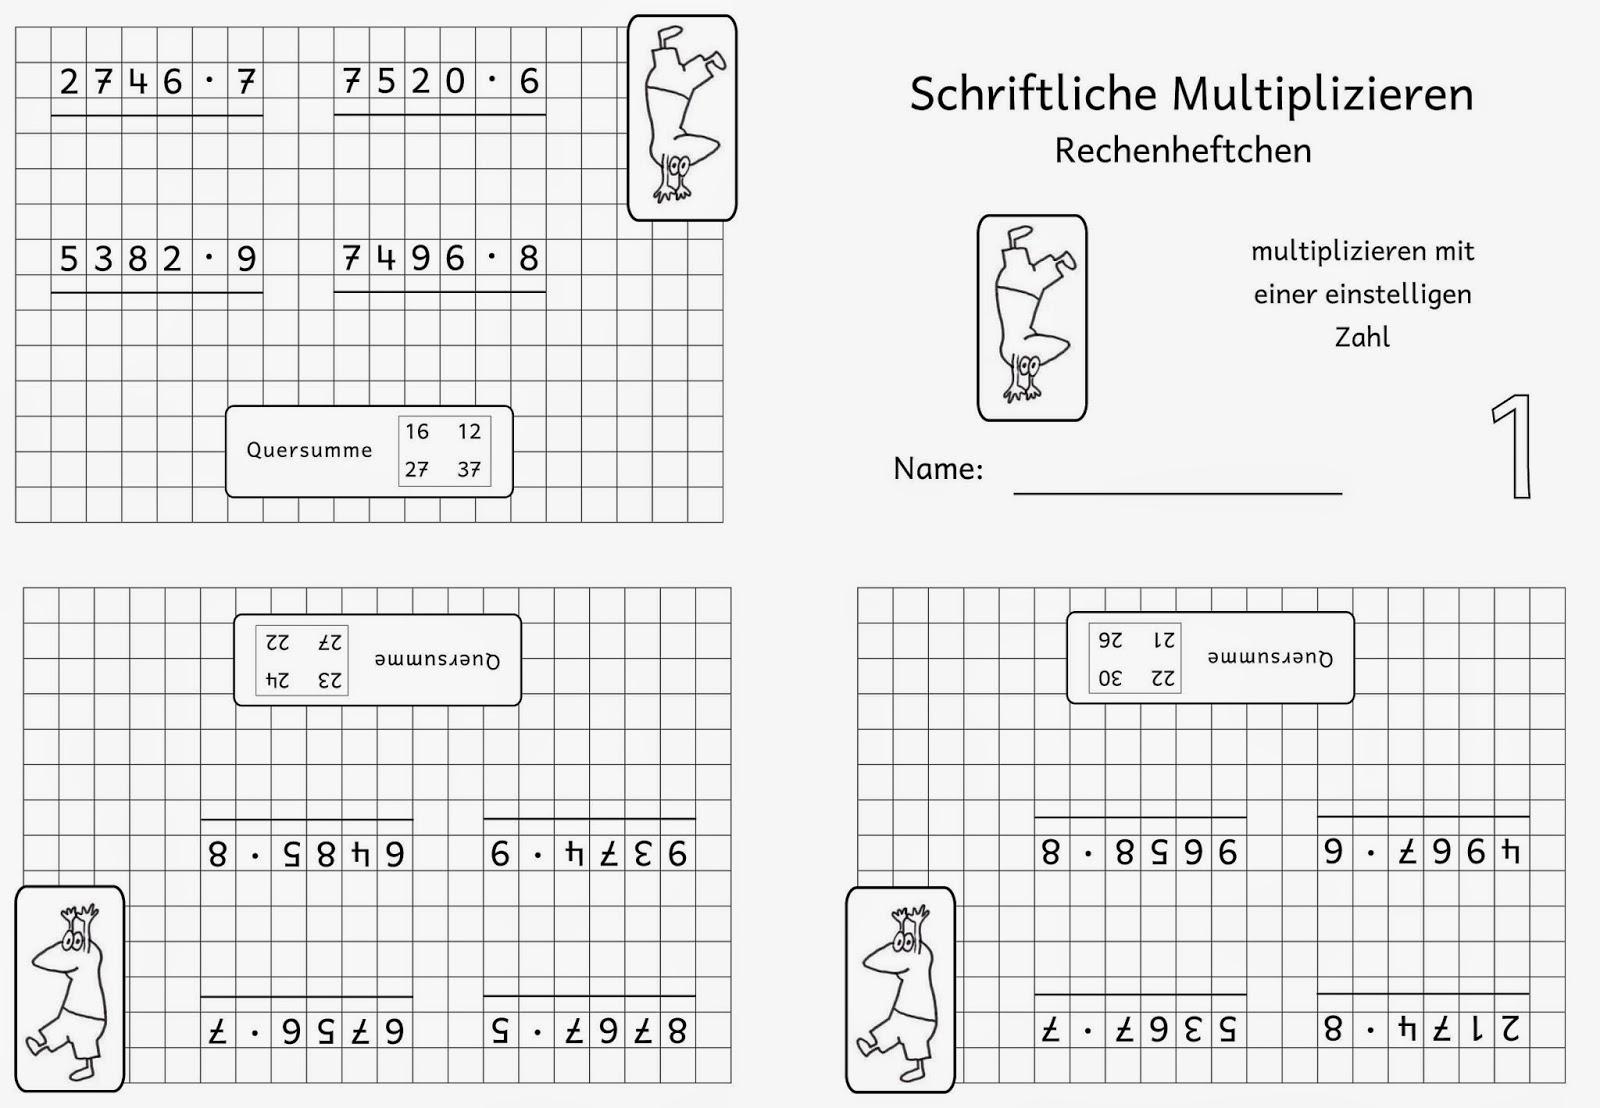 Lernstübchen: Rechenheftchen schriftliche Multiplikation (1)